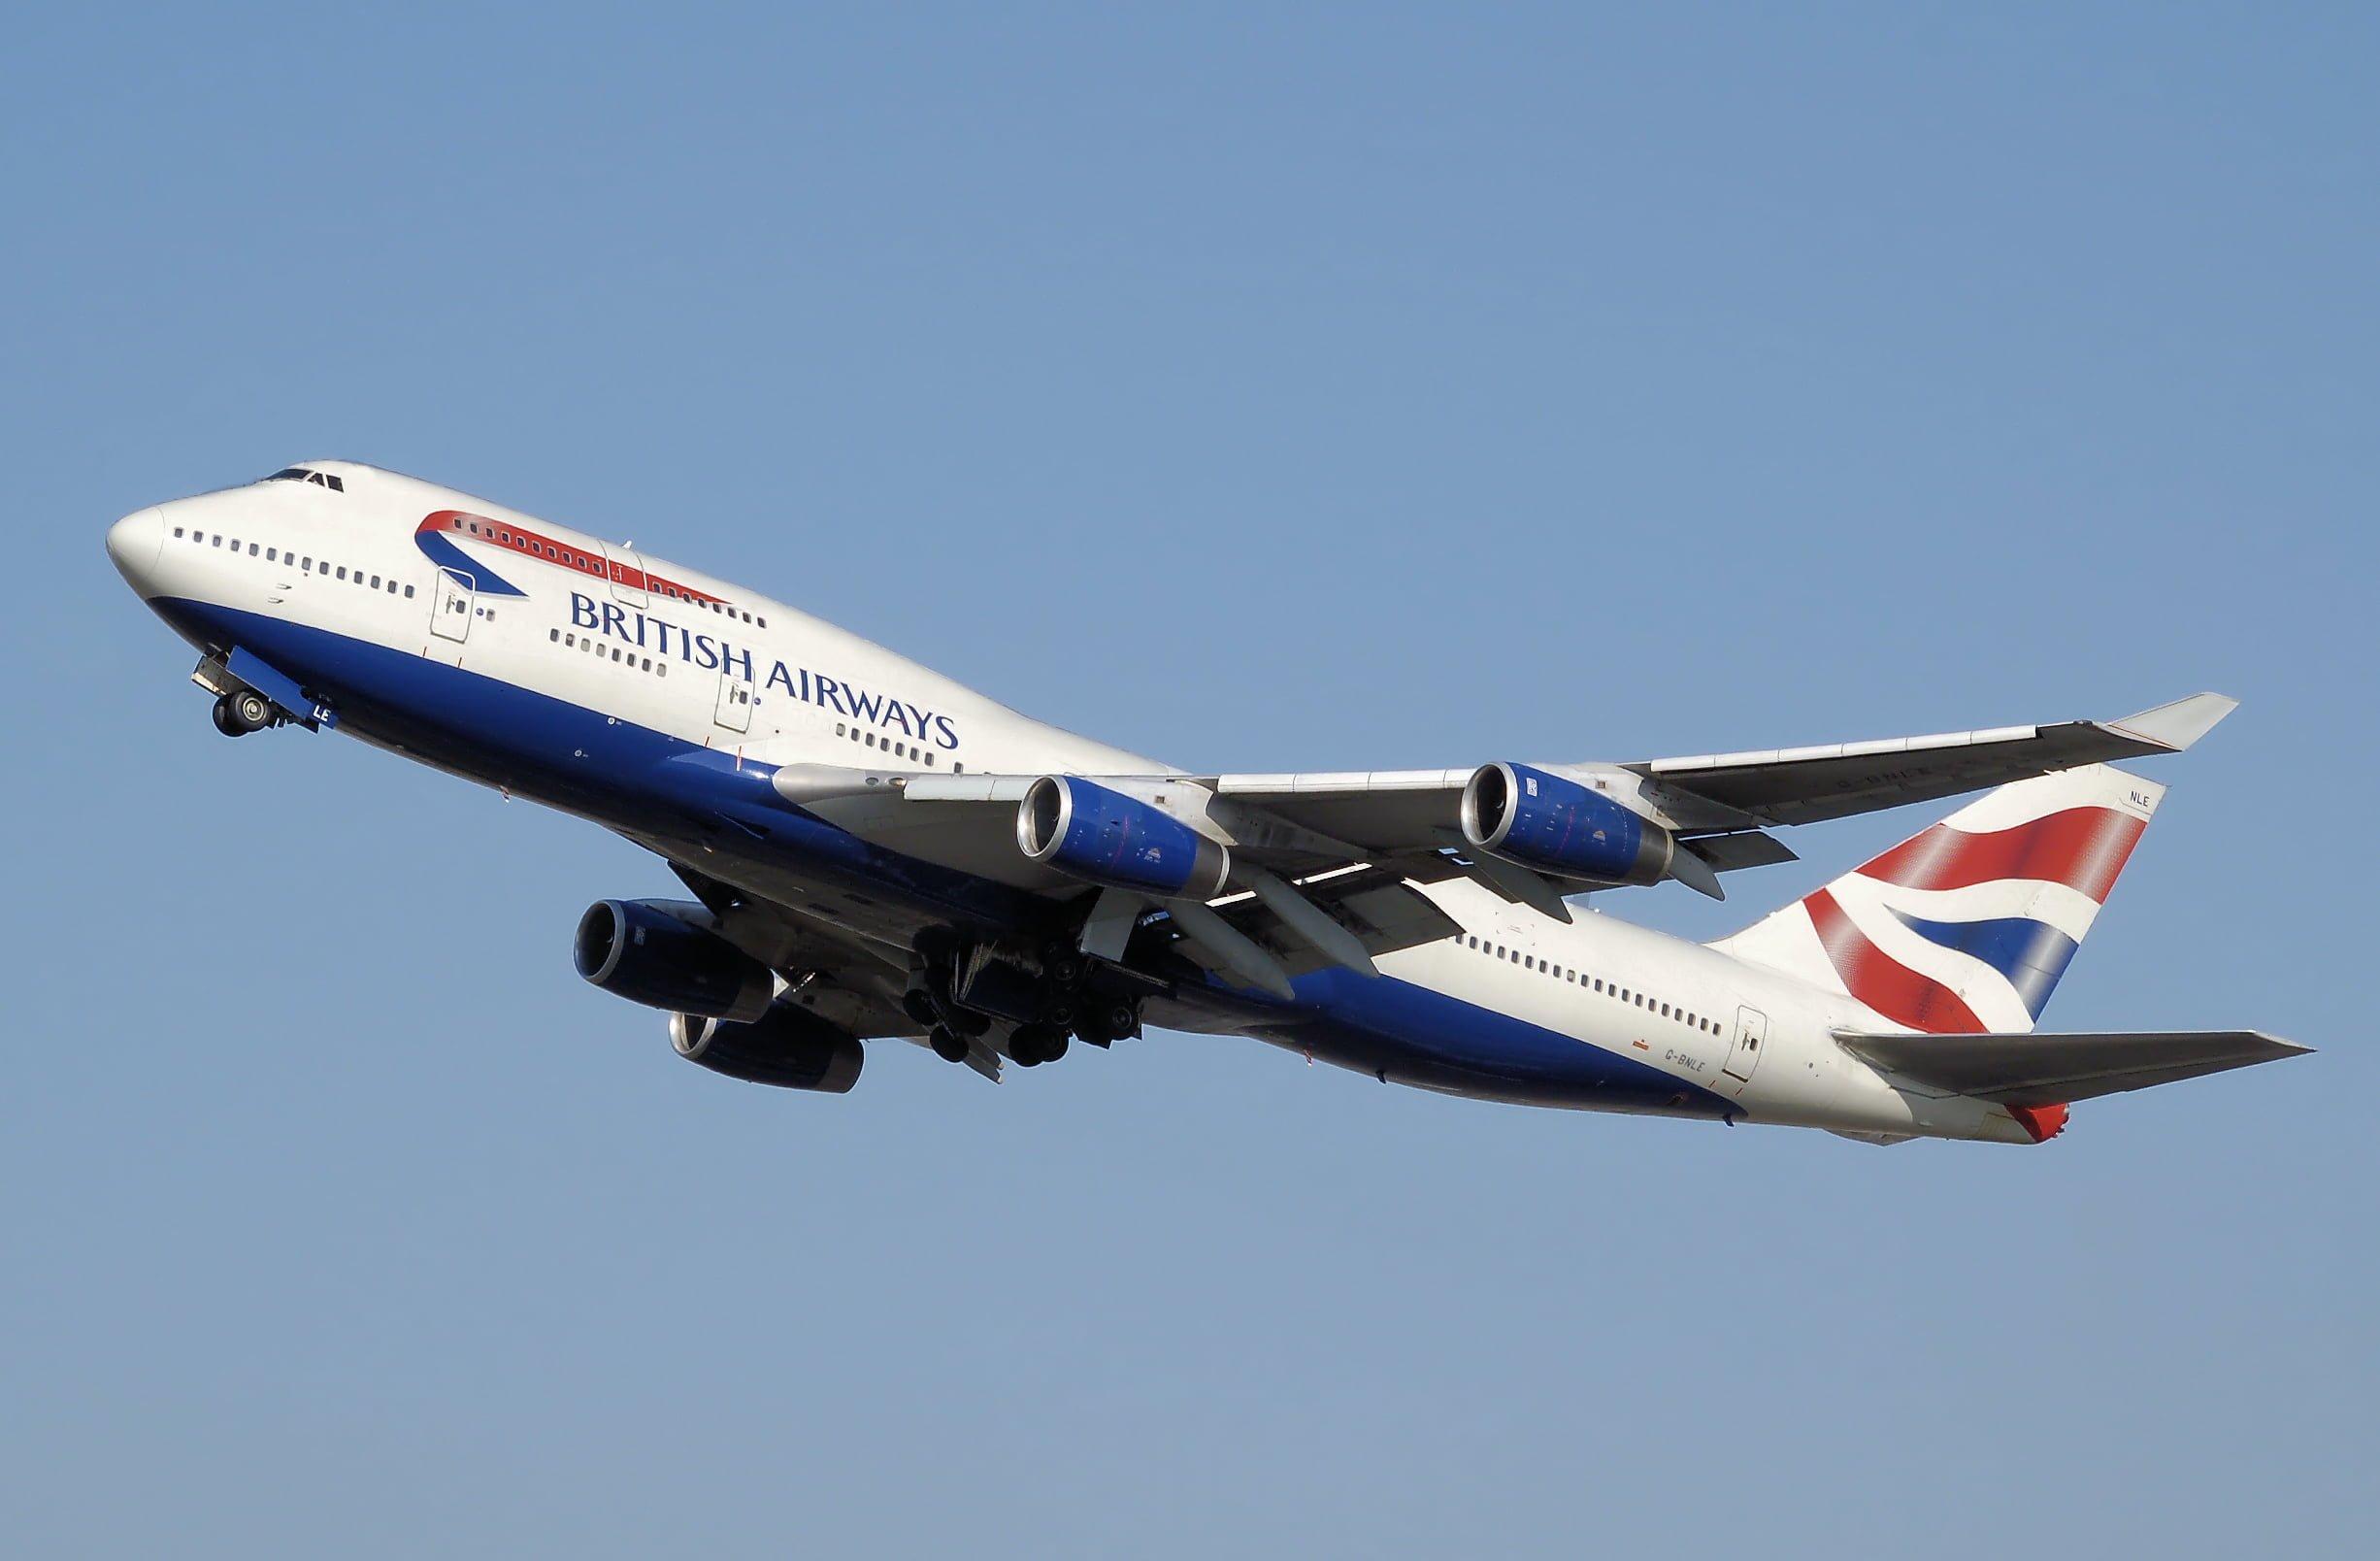 Boeing usa disquetes para atualizar o 747